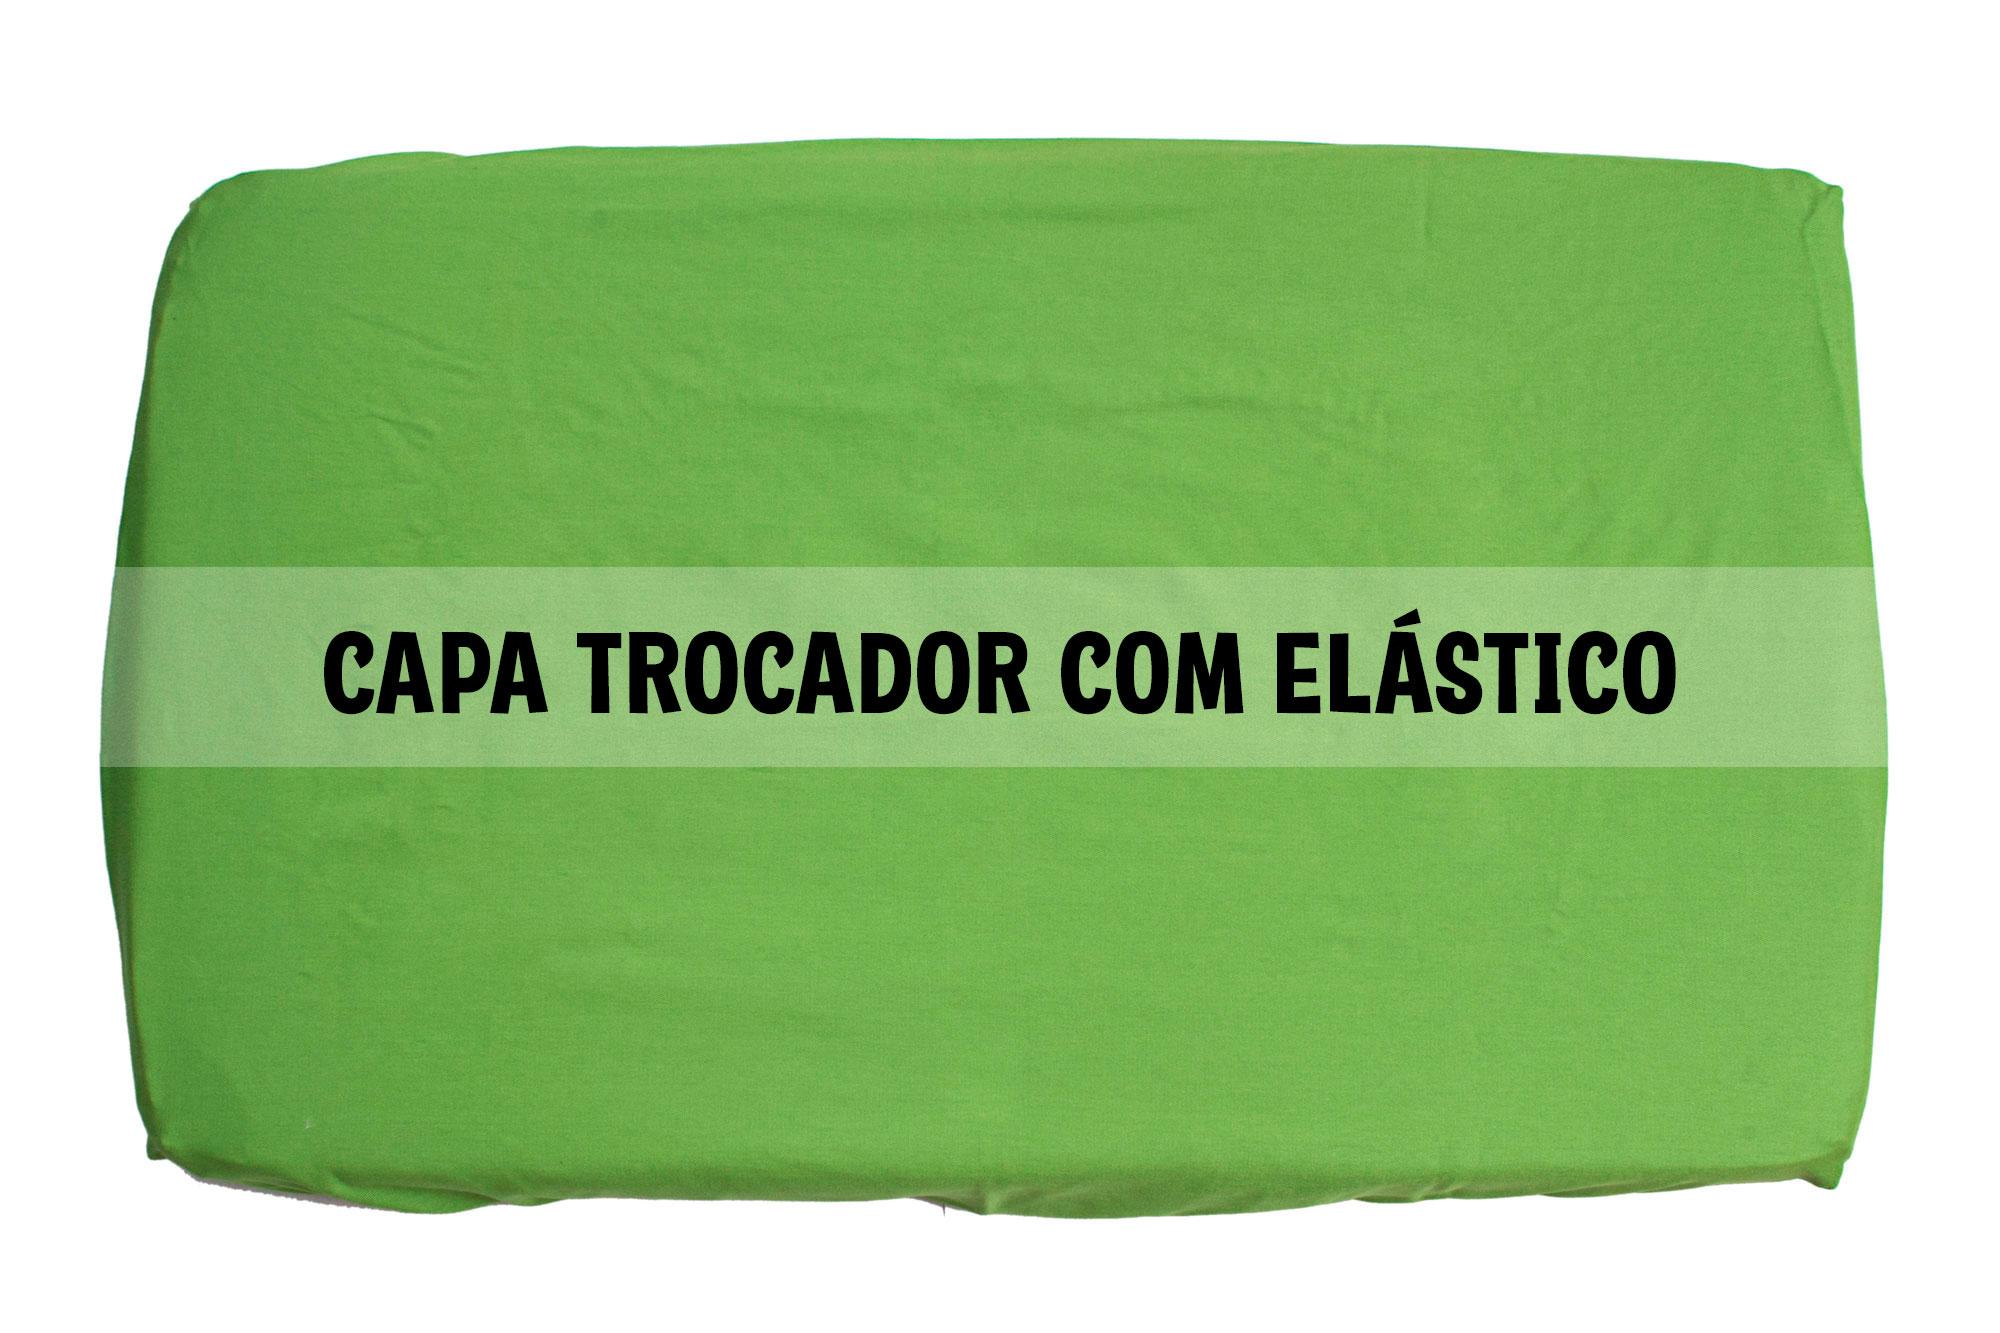 Capa trocador com elástico verde